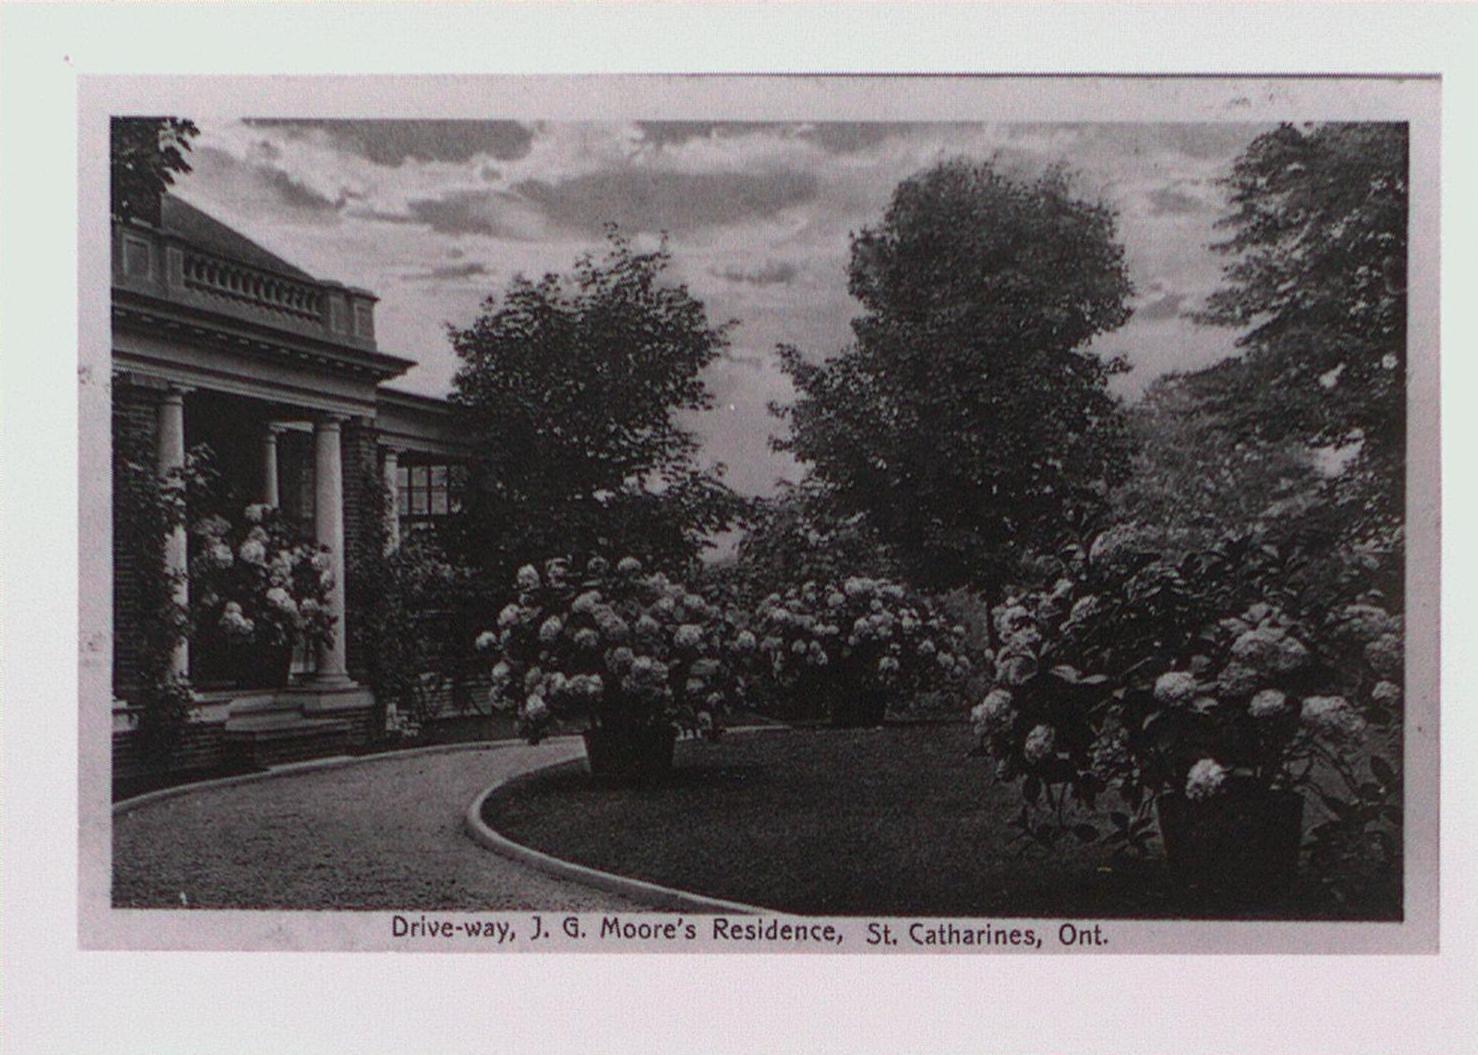 J.G. Moore's Residence, 139 Church Street.